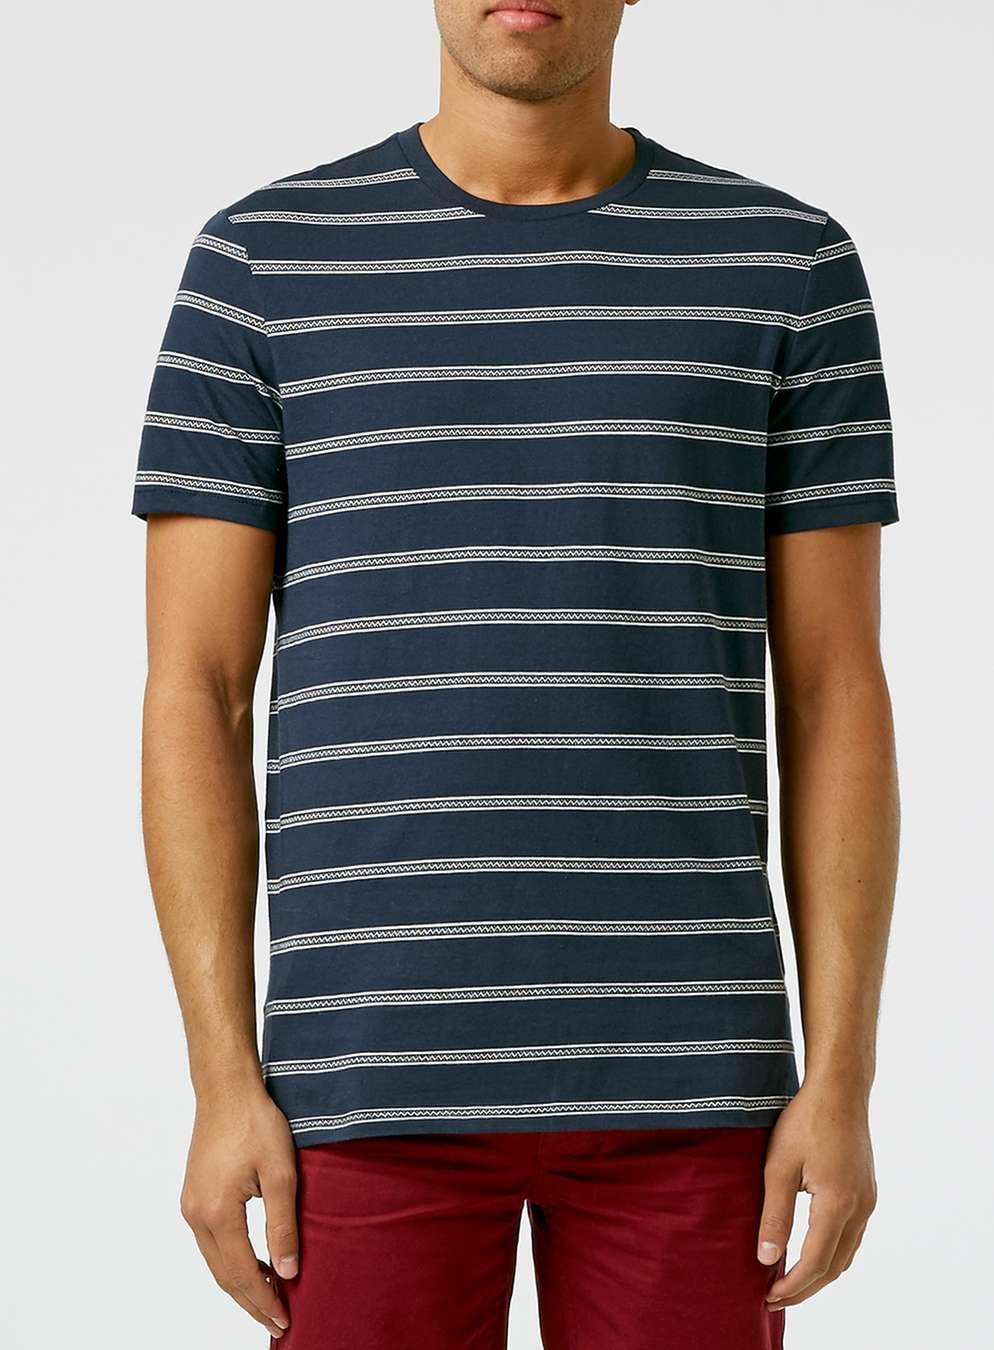 Topman navy white slim stripe t shirt in white for men for Blue white striped t shirt mens